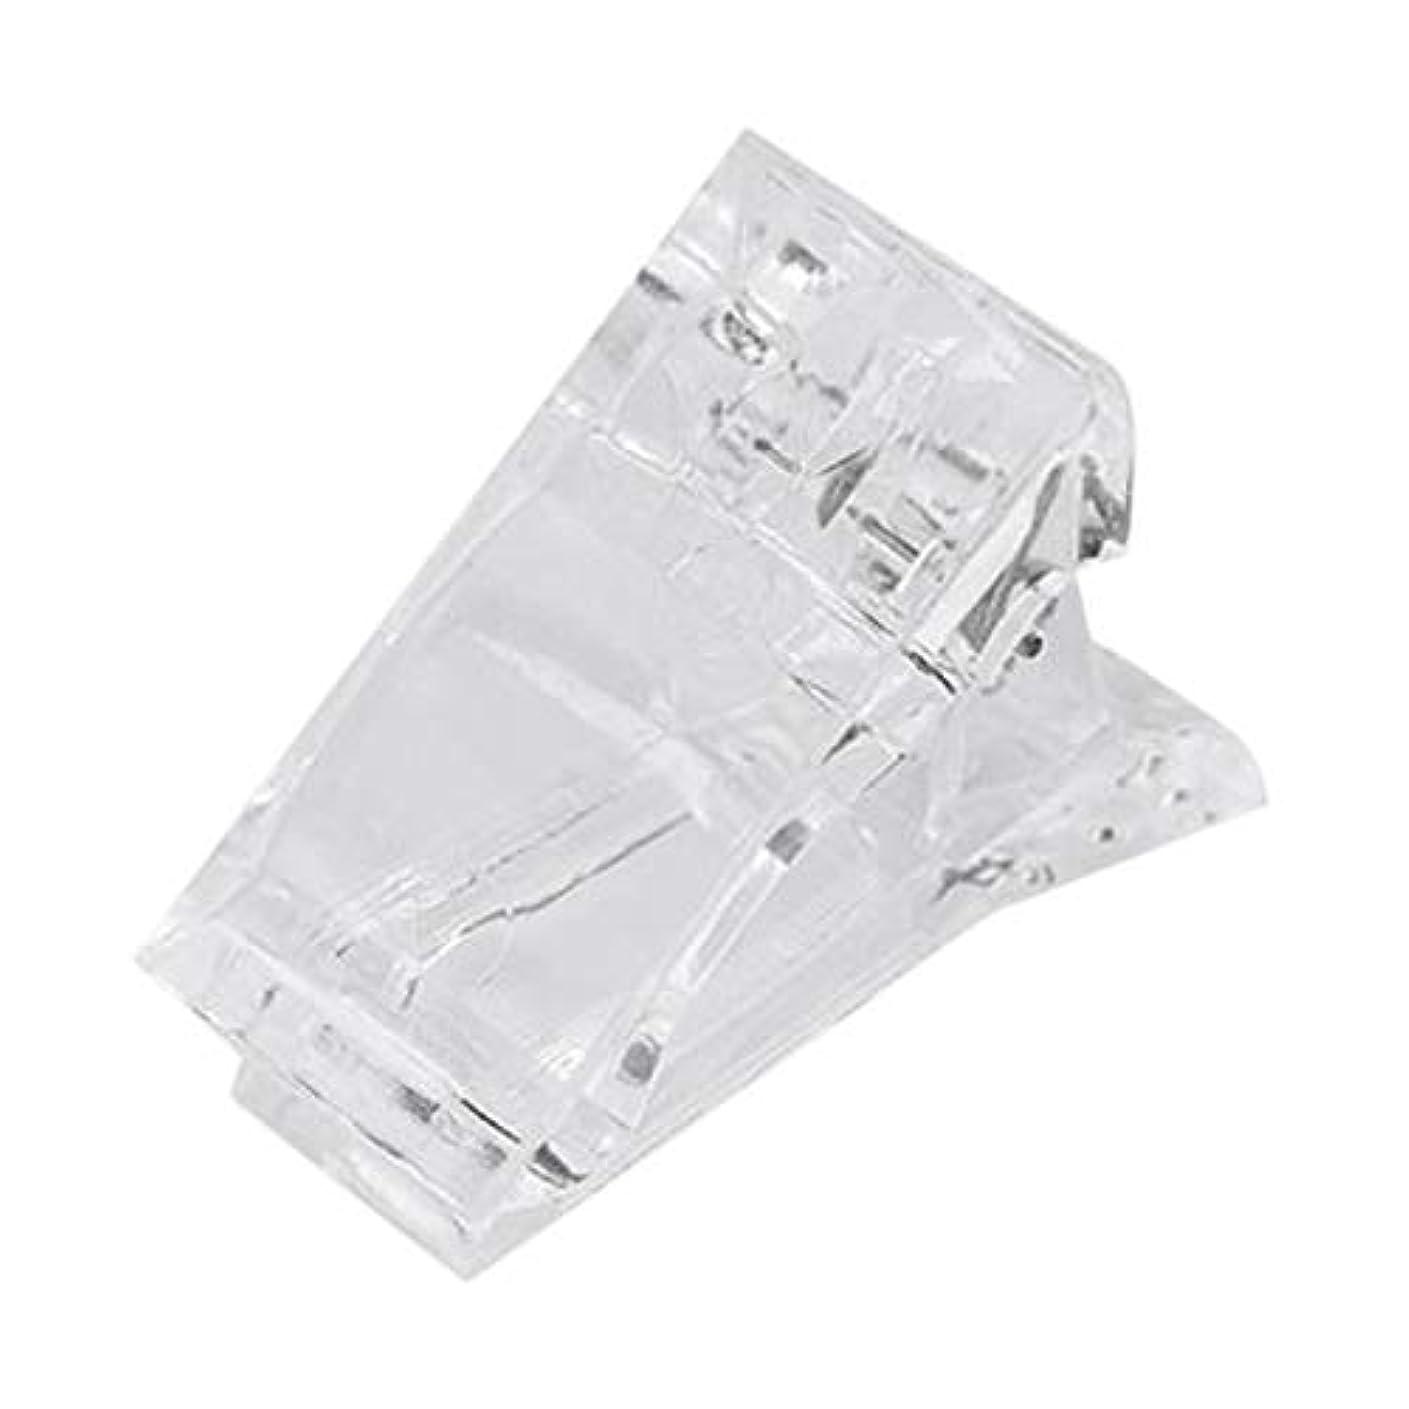 空中グラディス波紋ACAMPTAR ネイルのクリップ 透明指ポリクイック ビルディングジェルエクステンション ネイルアート マニキュアツール アクセサリー 偽ネイル